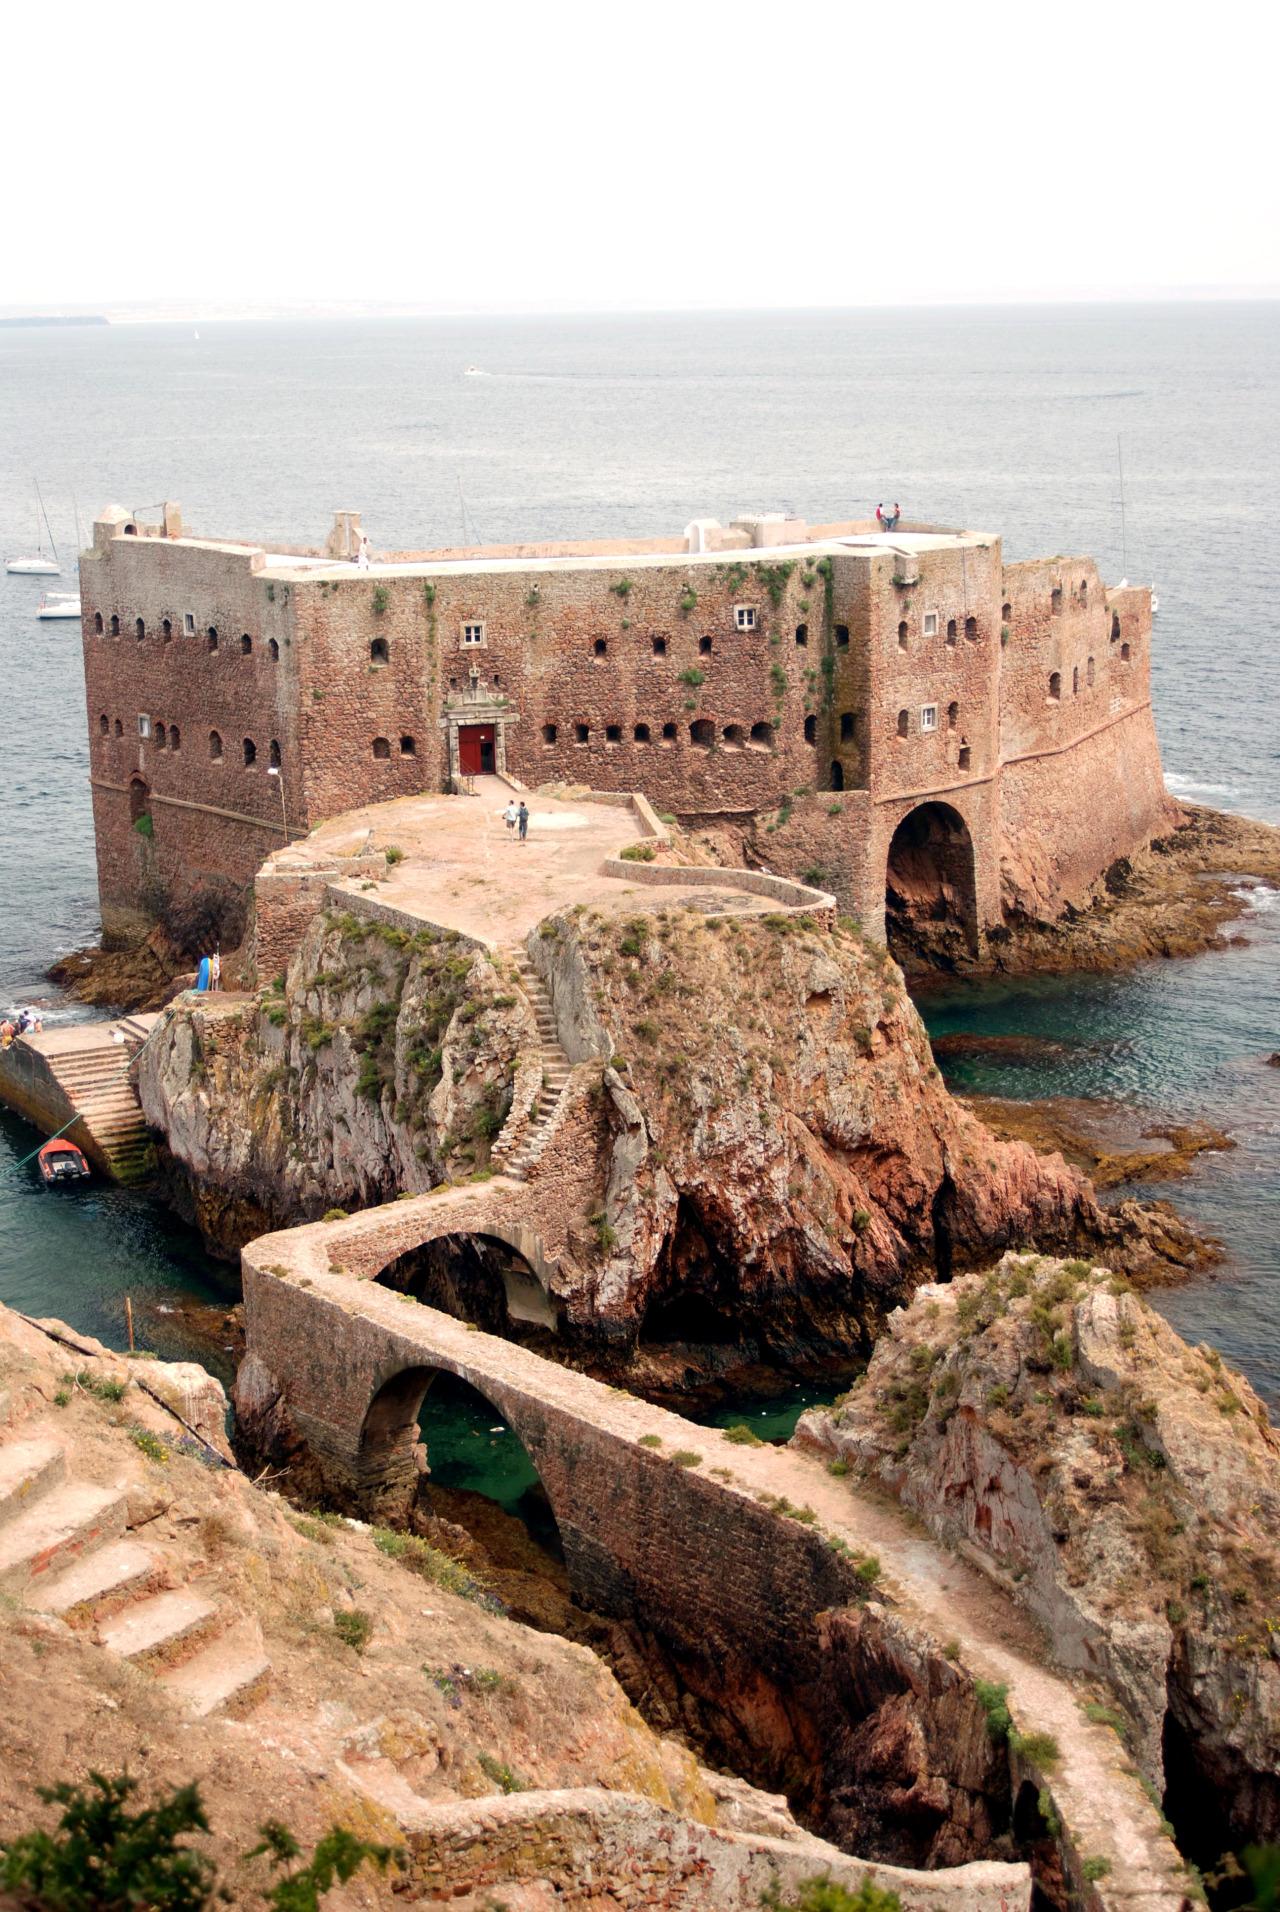 18 Fort of Saint John the Baptist Berlenga adası portekiz  Ölmeden önce görmeniz gereken 30 yer 18 Fort of Saint John the Baptist Berlenga adas C4 B1 portekiz